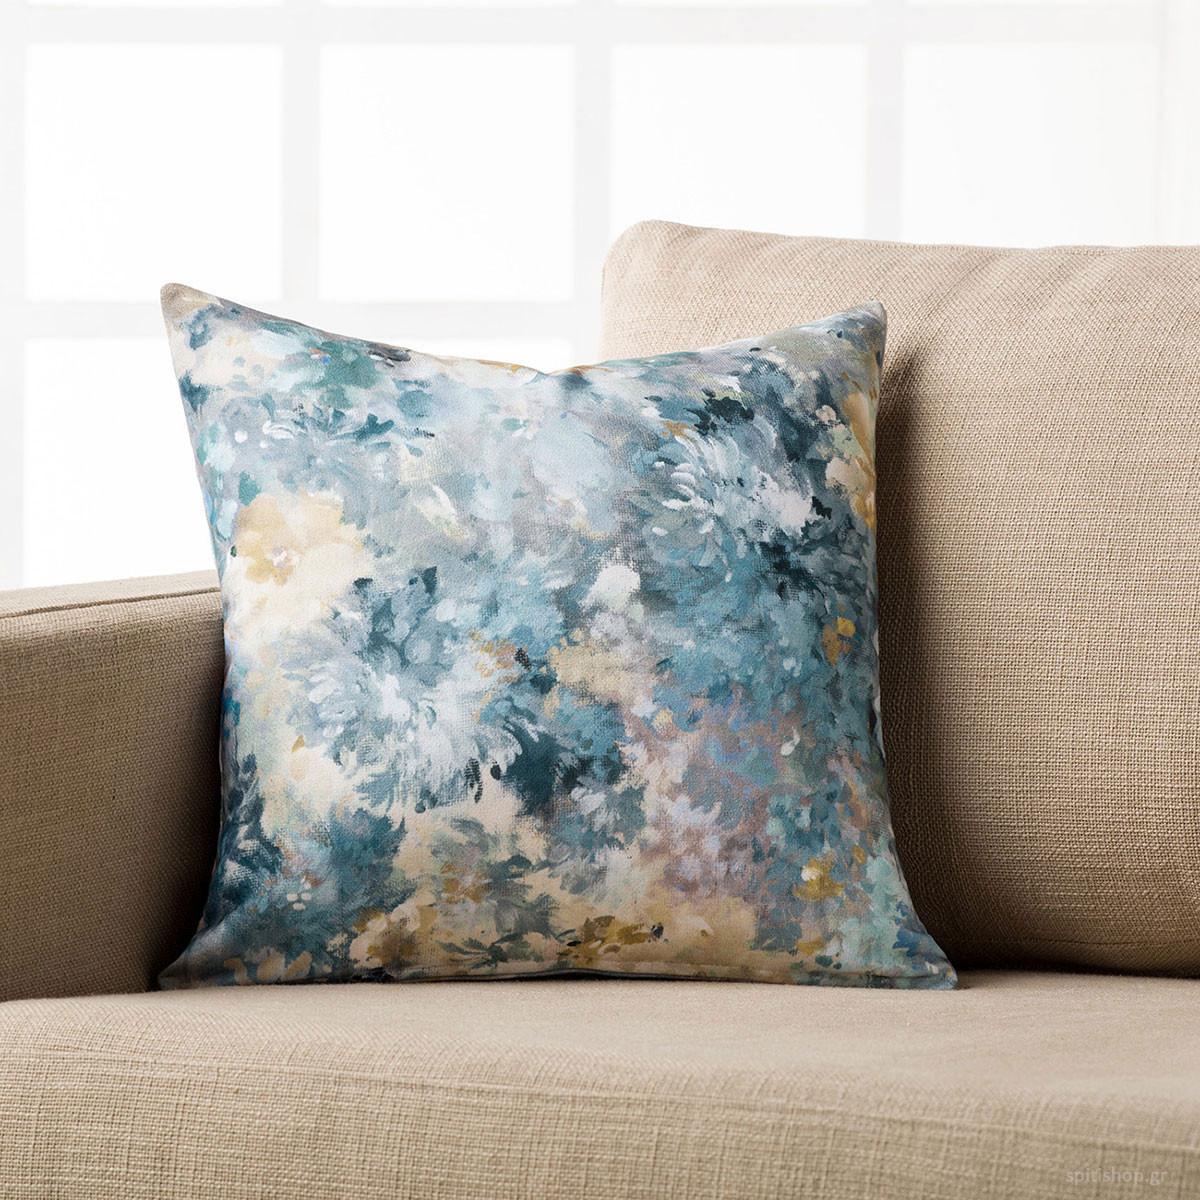 Διακοσμητική Μαξιλαροθήκη Gofis Home Monet 637